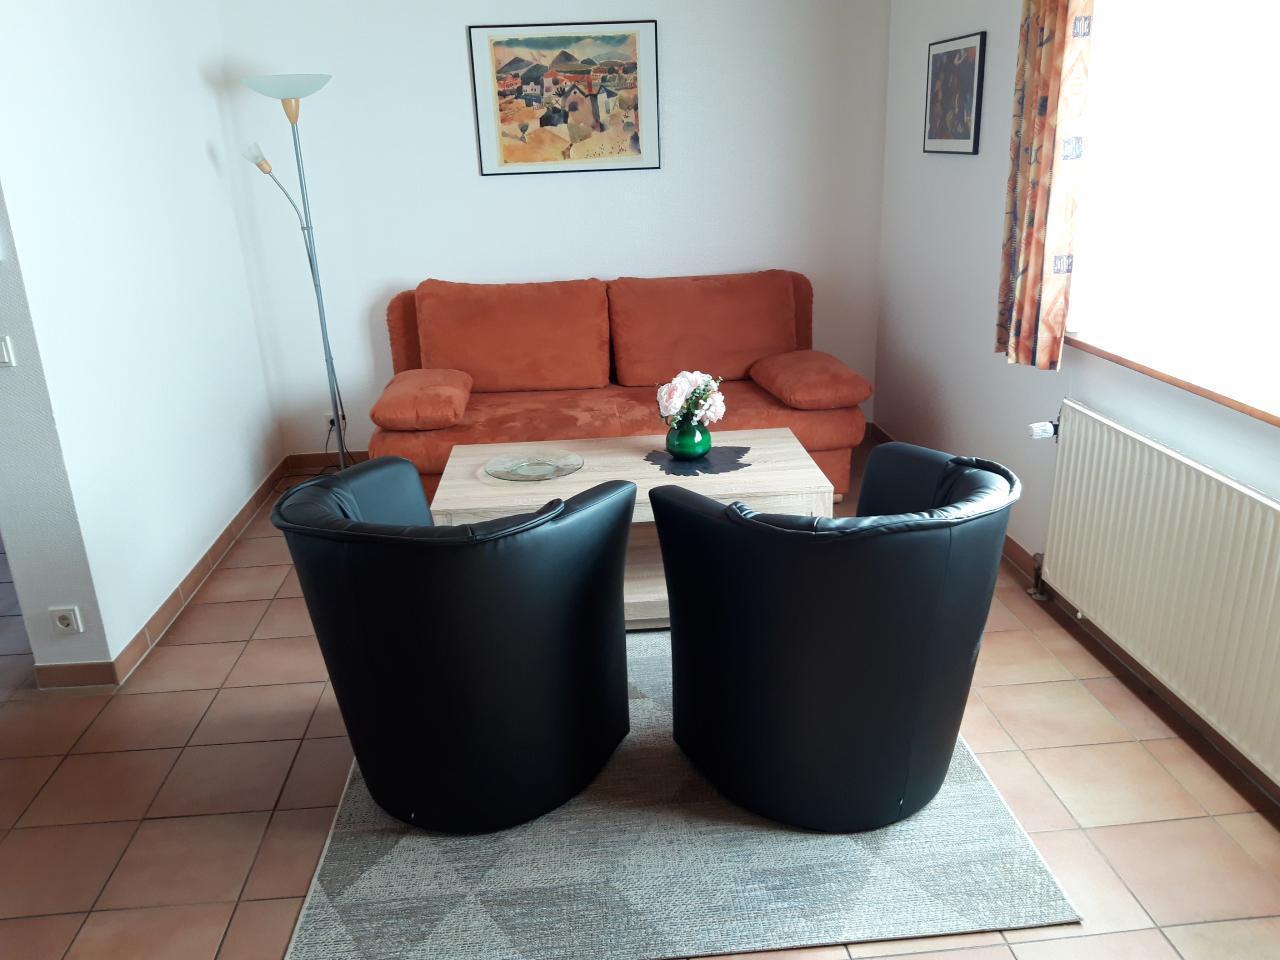 Ferienhaus / Bungalow 15 neu renoviert für 4-6 Personen in der Rhön Residence Bungalows (757460), Dipperz, Rhön (Hessen), Hessen, Deutschland, Bild 6